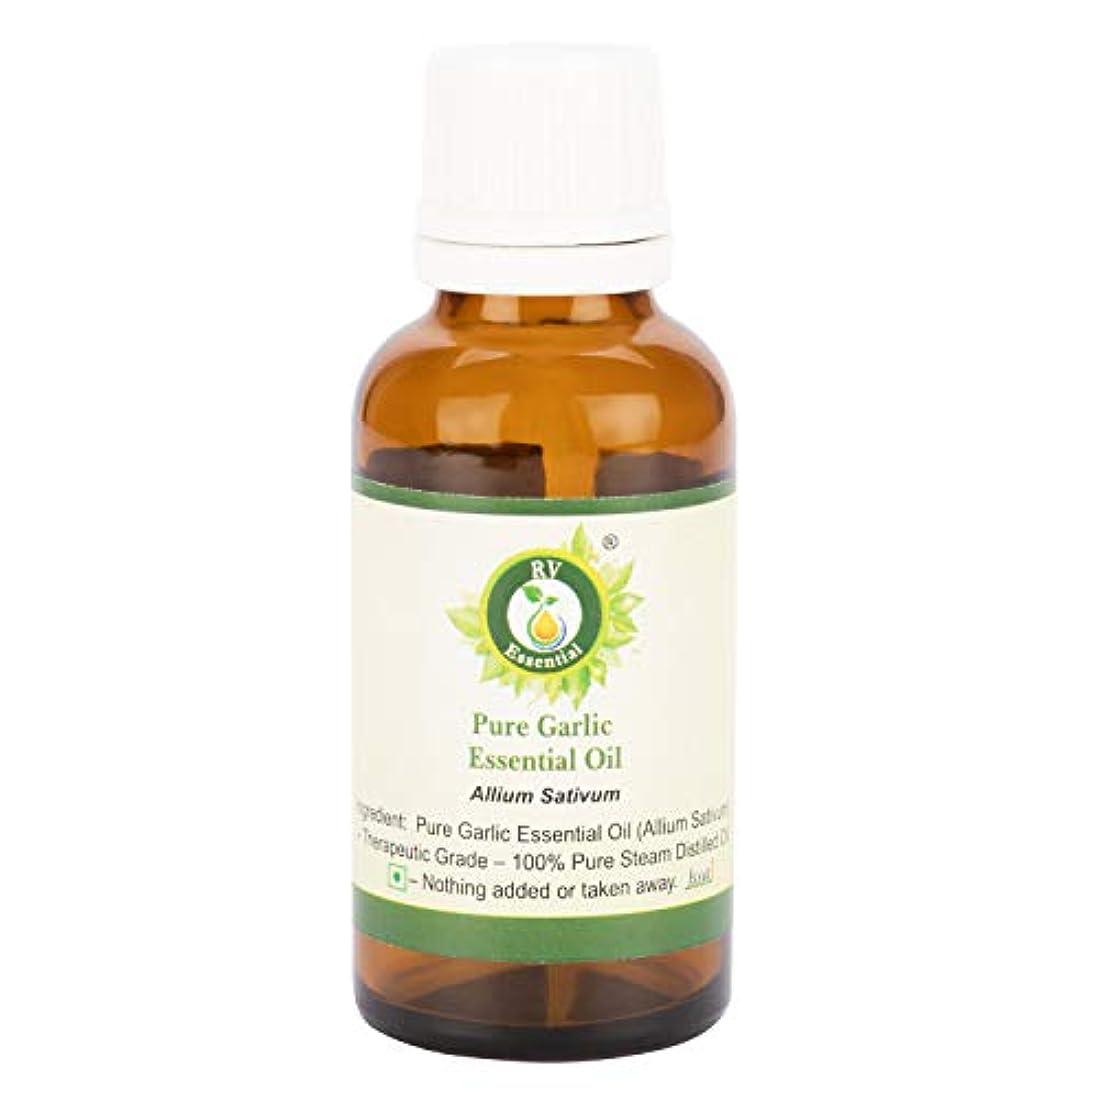 リル画家戦士ピュアニンニクエッセンシャルオイル100ml (3.38oz)- Allium Sativum (100%純粋&天然スチームDistilled) Pure Garlic Essential Oil